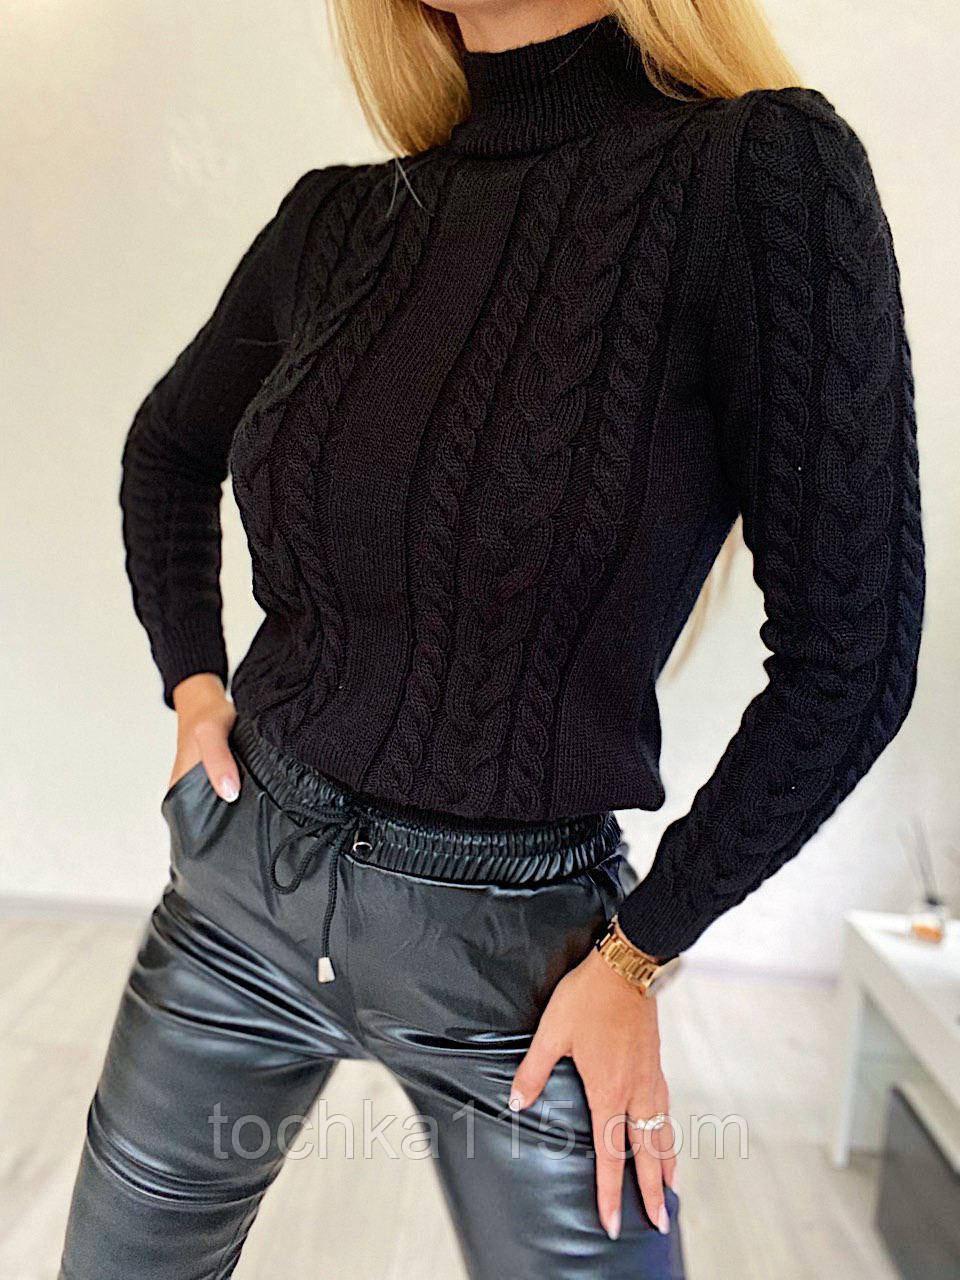 Стильний в'язаний светр з об'ємними рукавами , теплий, 42-46 р, колір чорний